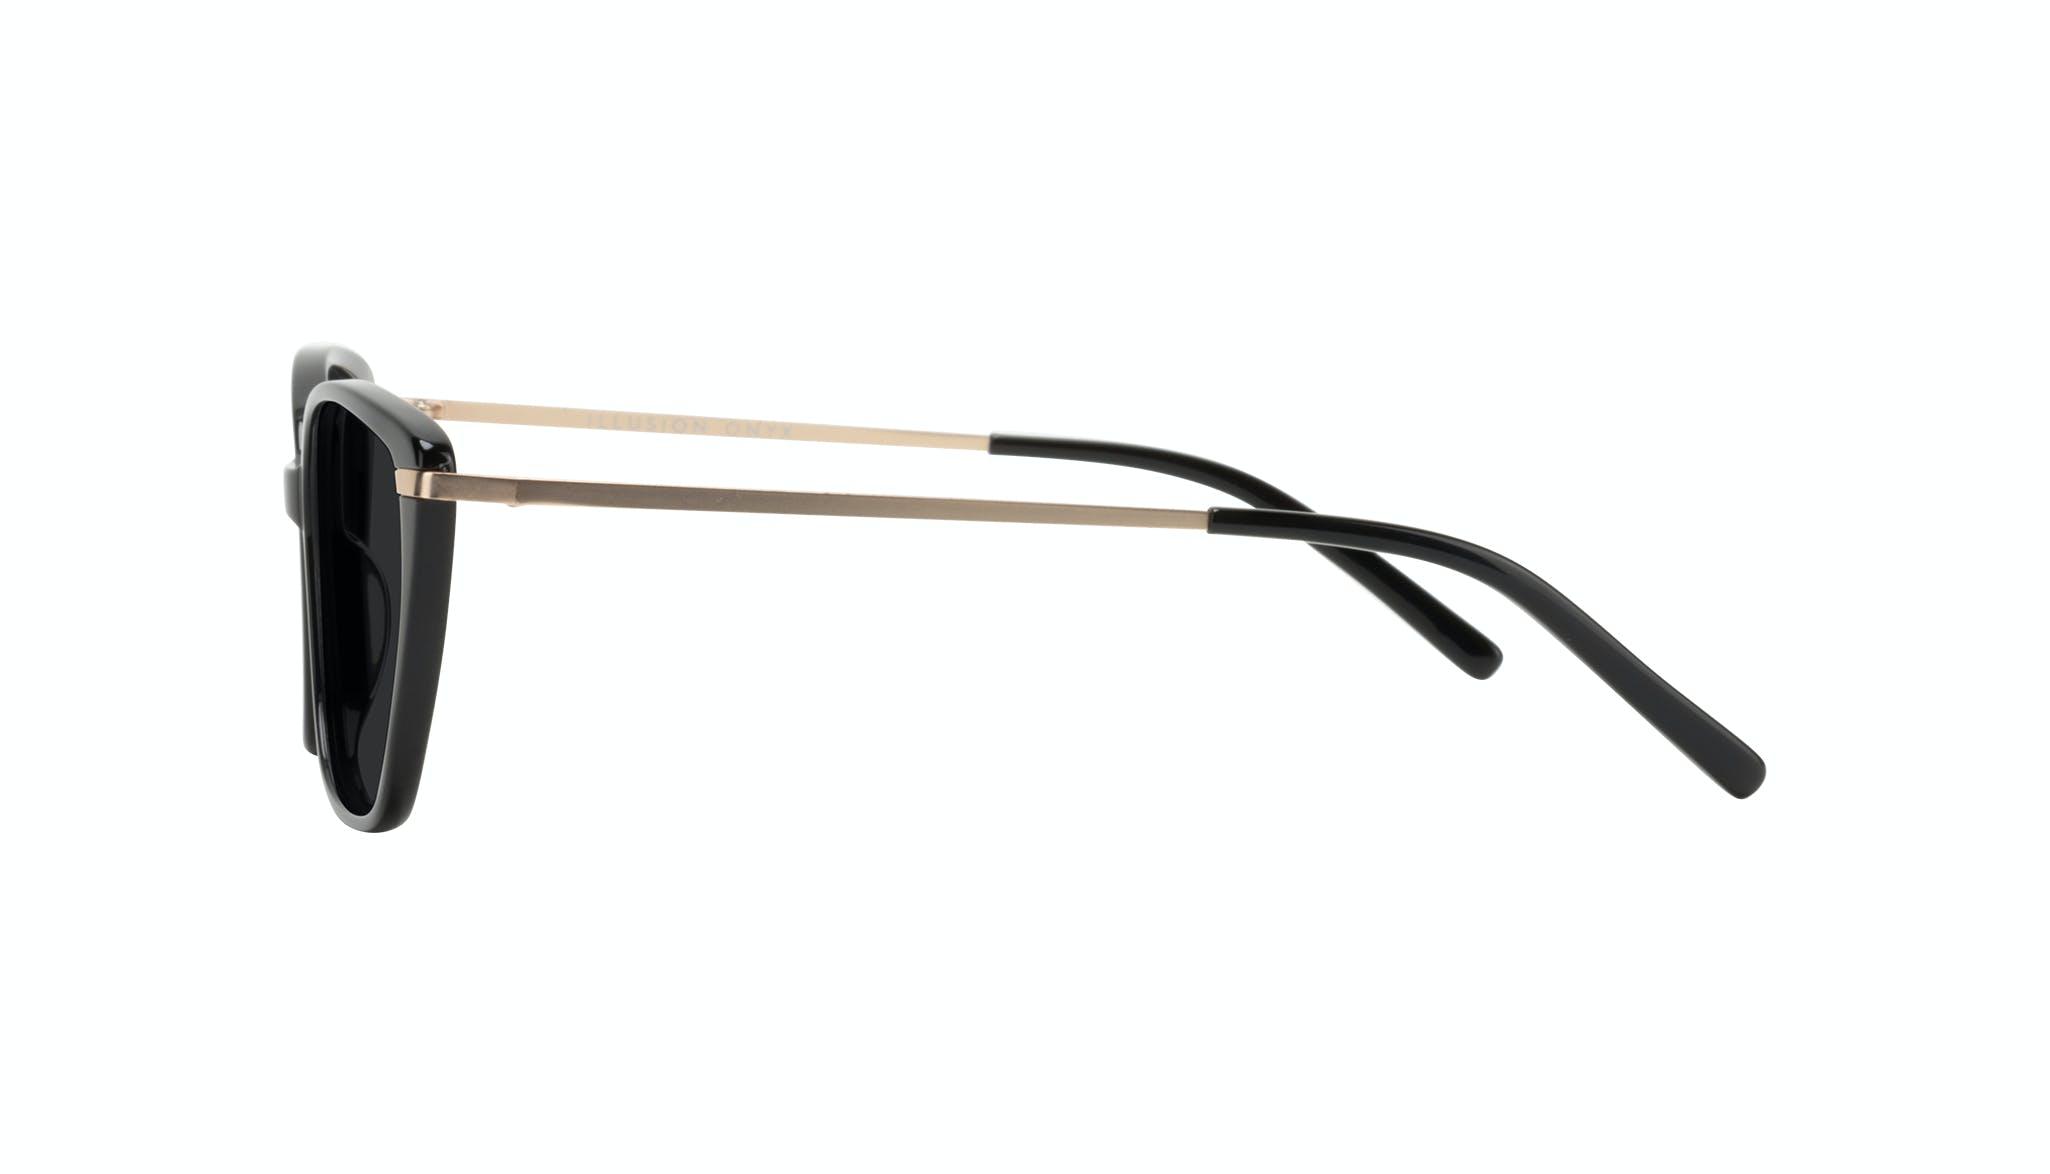 Lunettes tendance Oeil de chat Rectangle Carrée Lunettes de soleil Femmes Illusion Onyx Profil